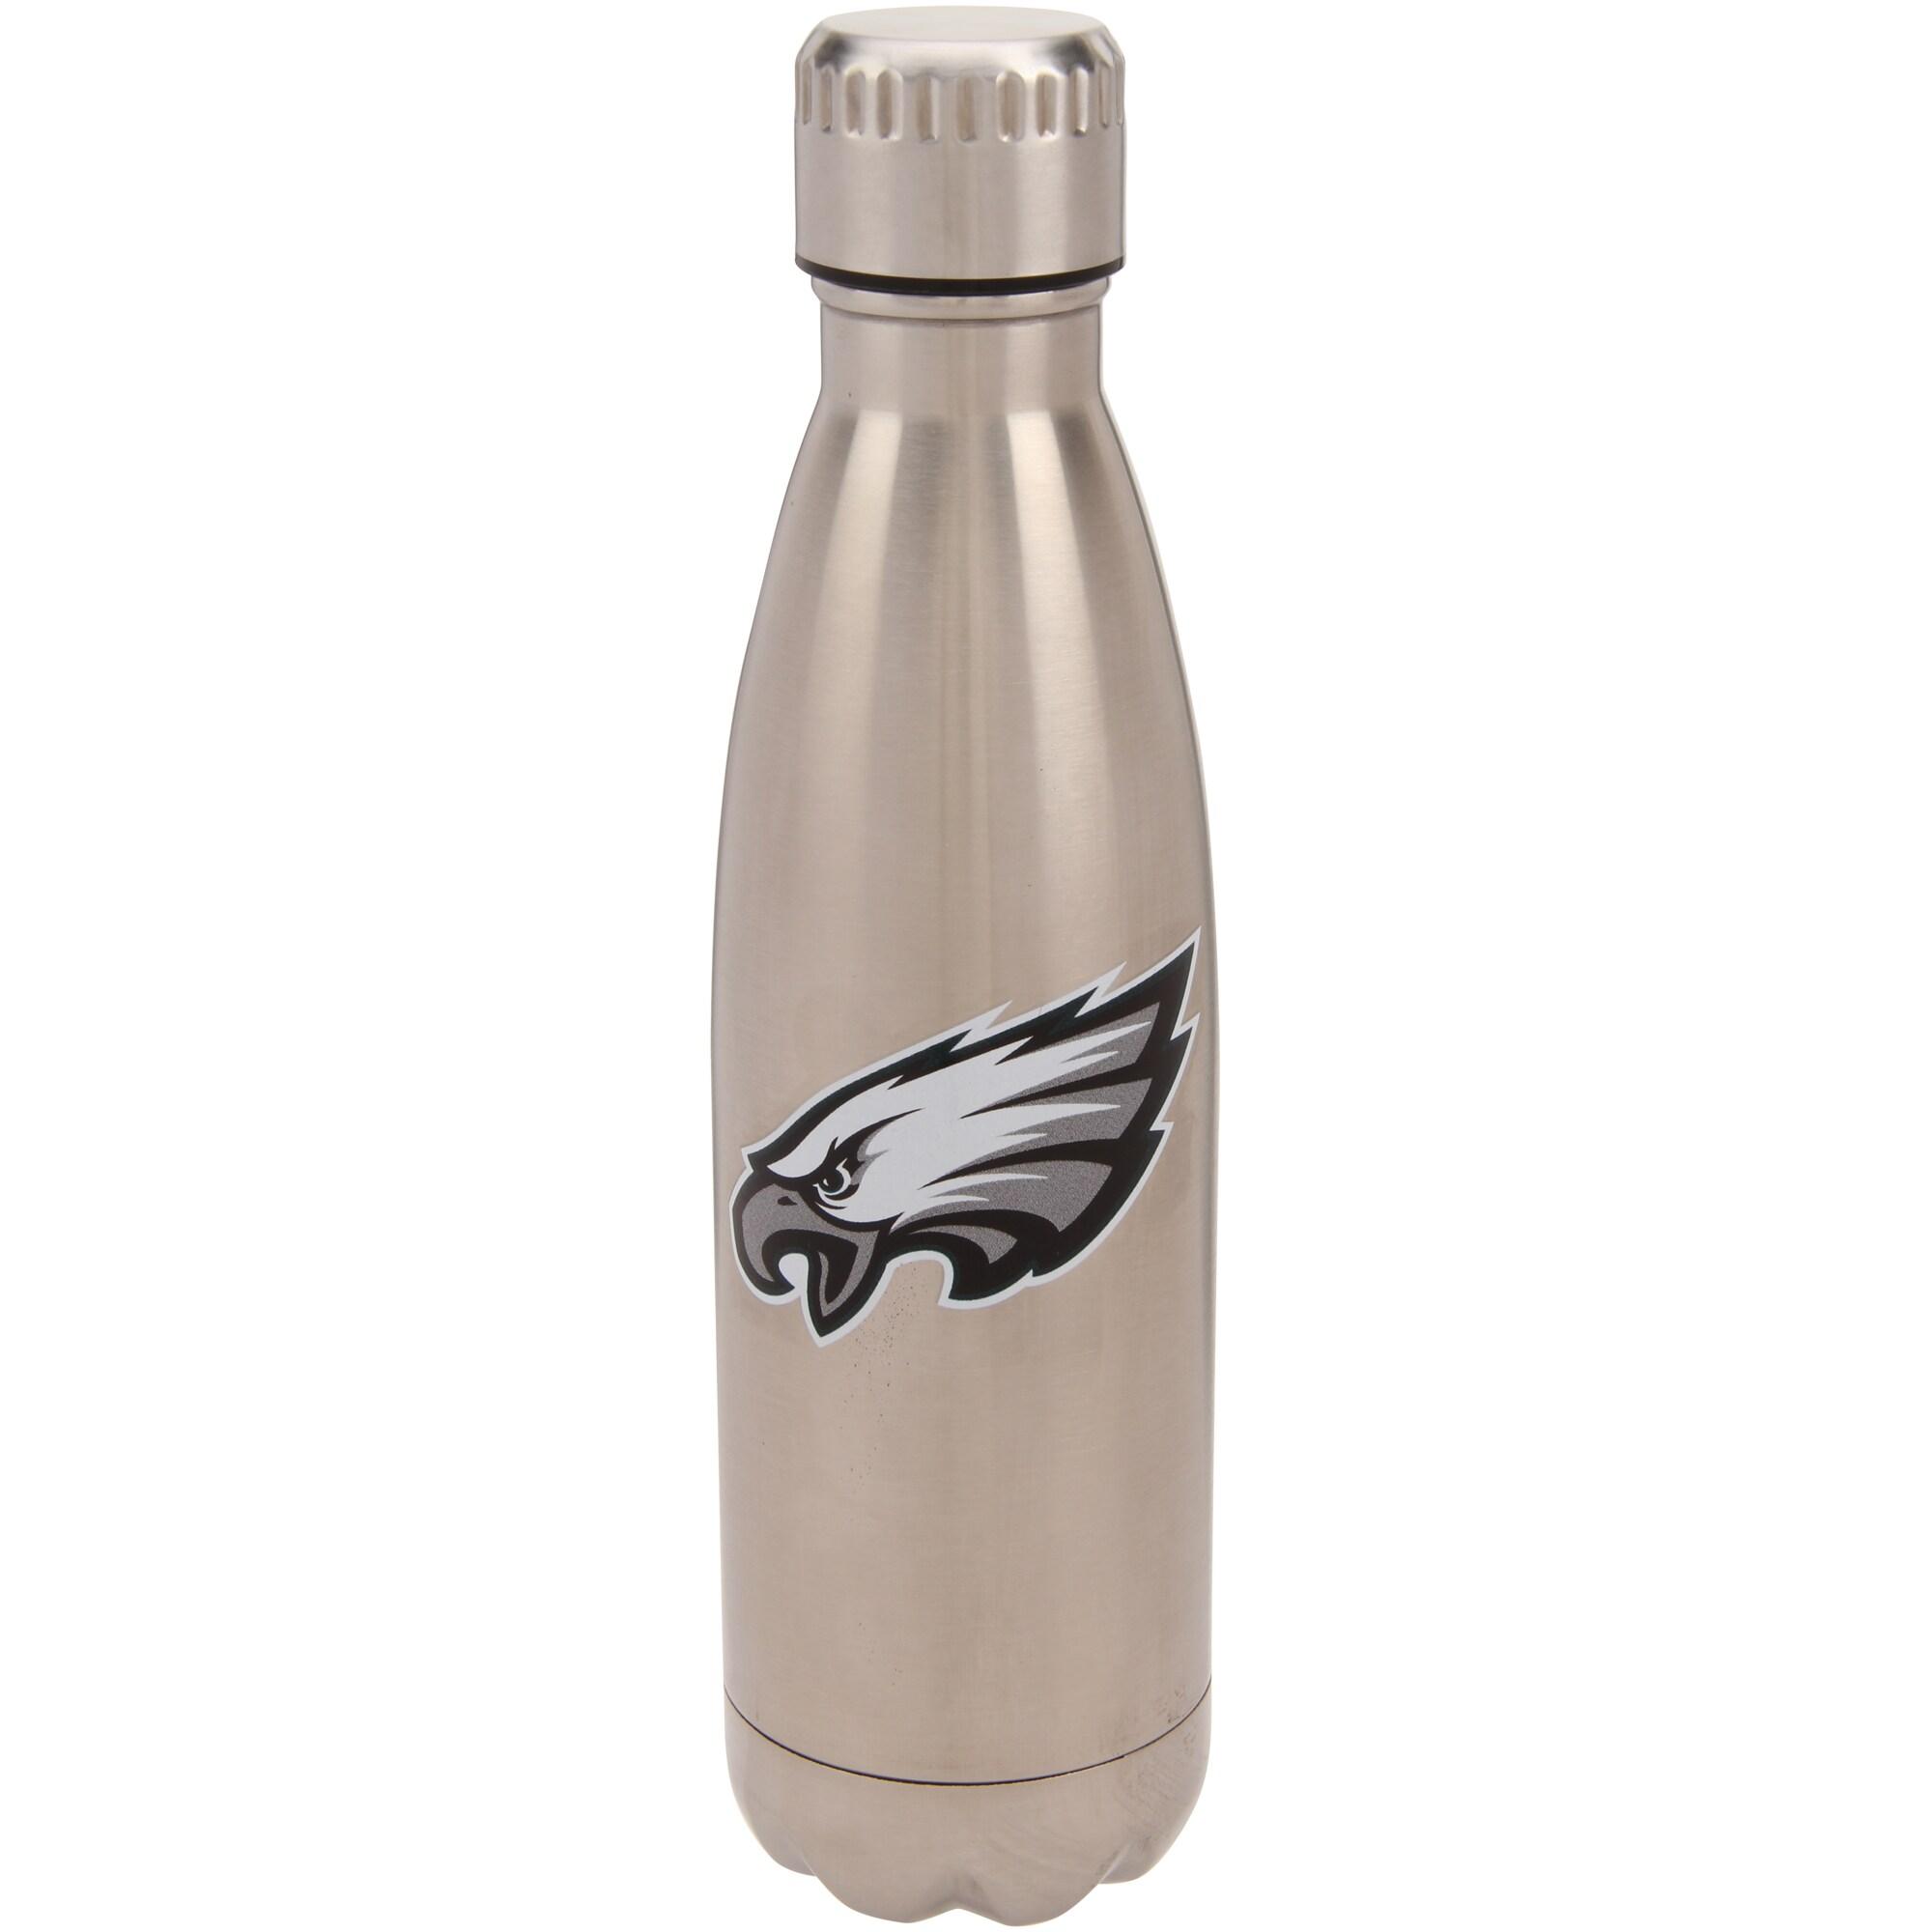 Philadelphia Eagles 16oz. Stainless Steel Water Bottle